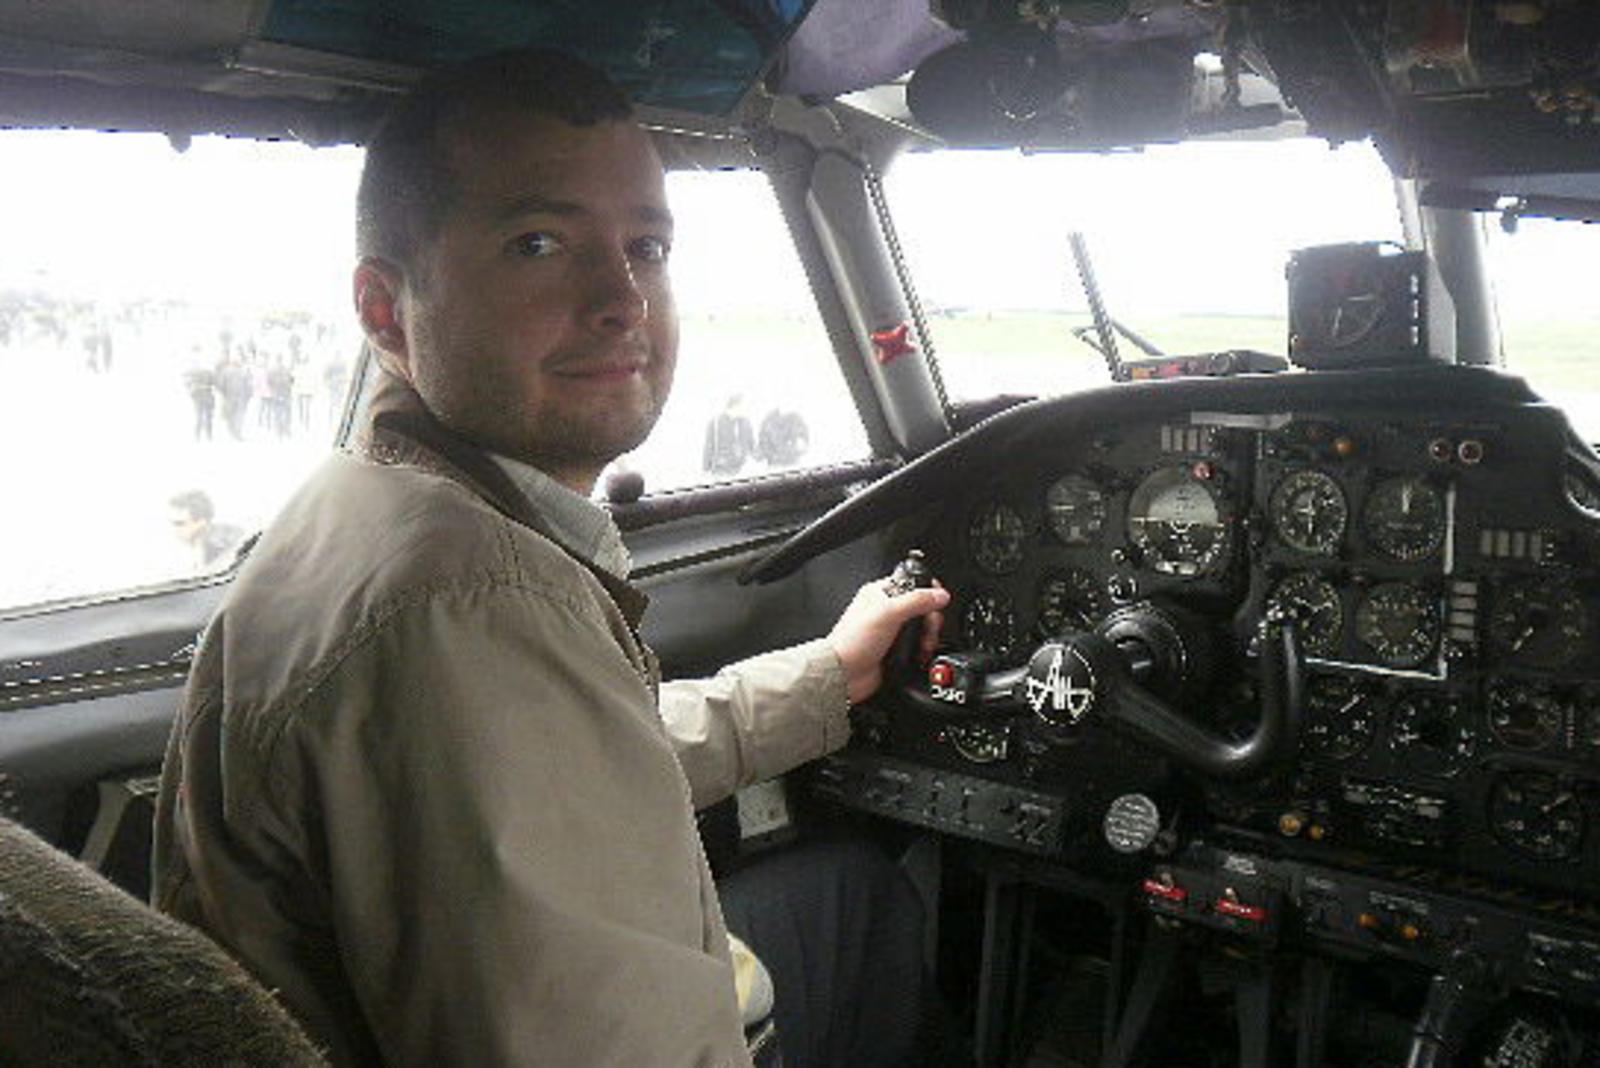 Летчик Дамир Юсупов с благодарностью принял подарок, но отметил, что на данный момент переезд в новые апартаменты не планируется